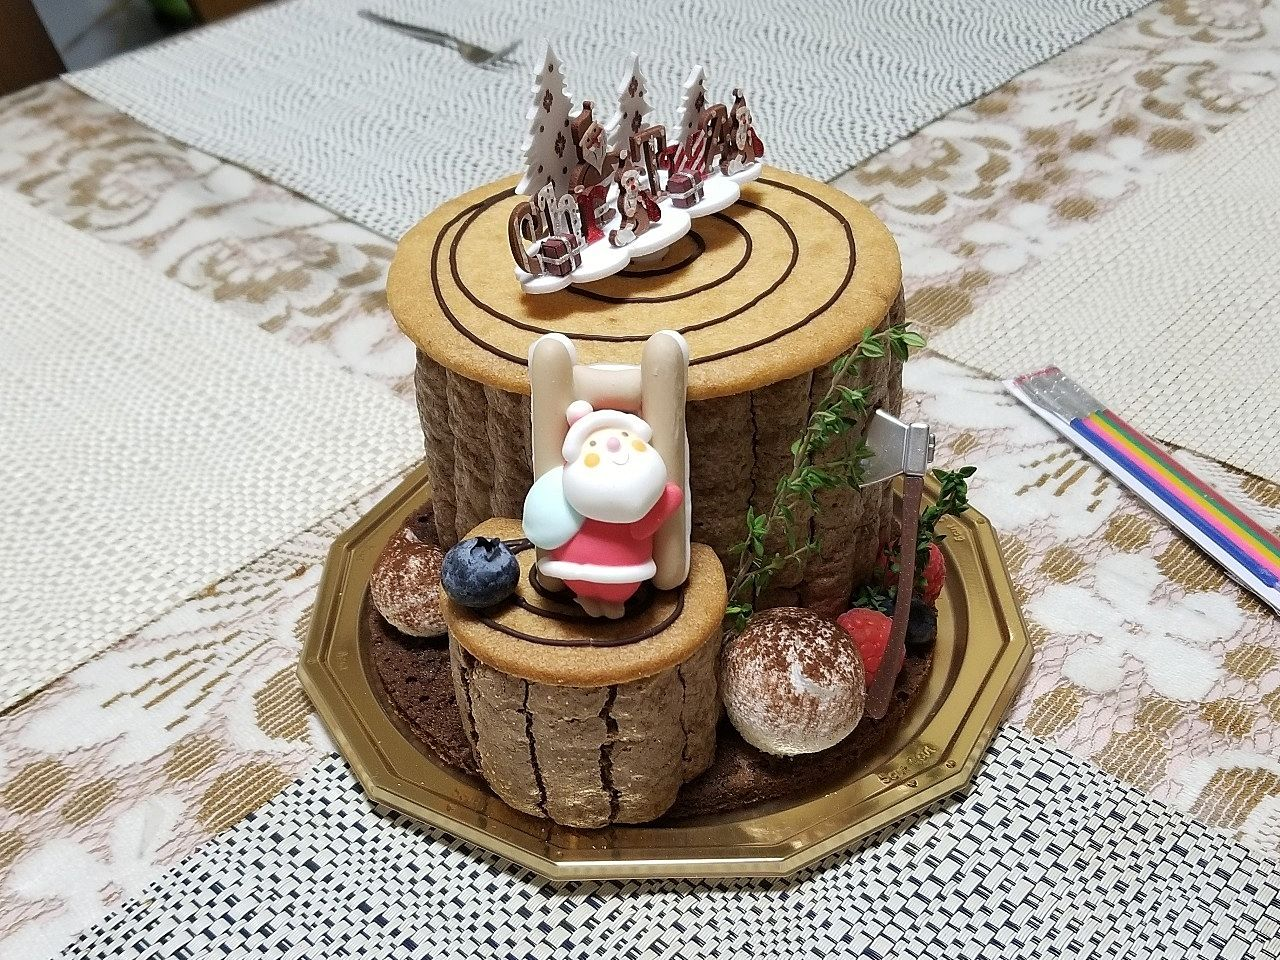 クリスマス用のケーキ、切り株